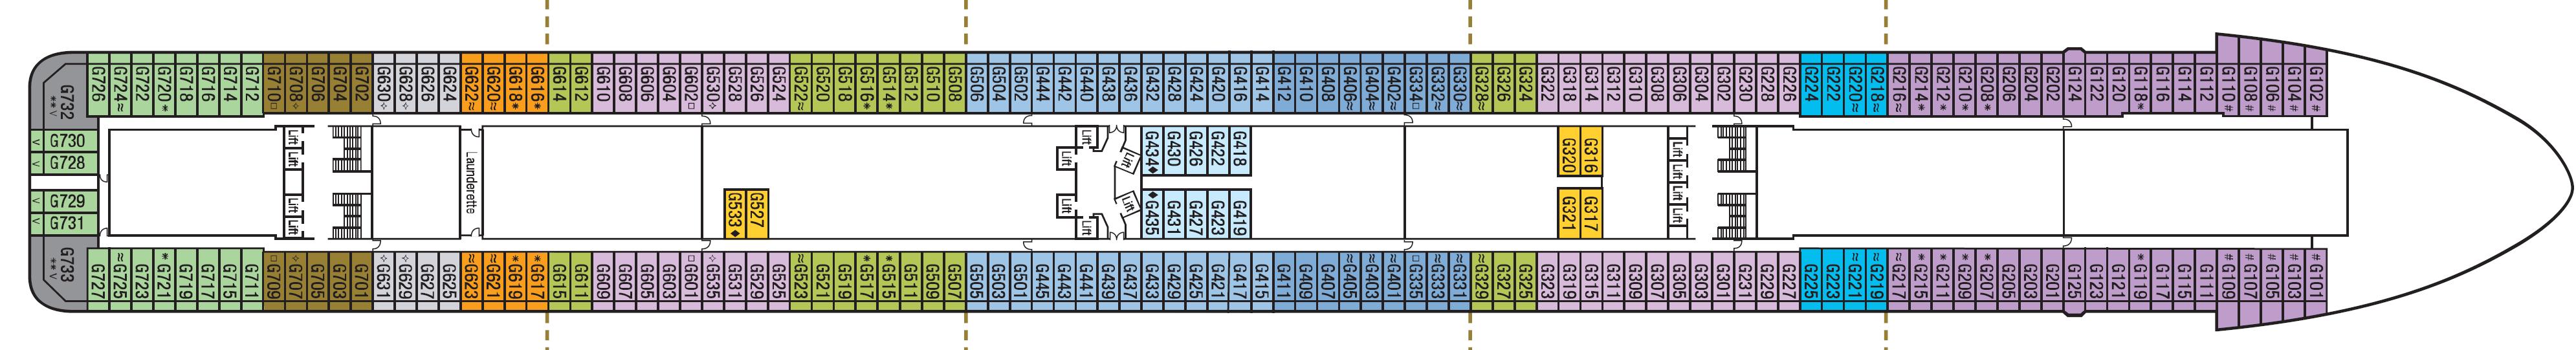 Deck 8 – G